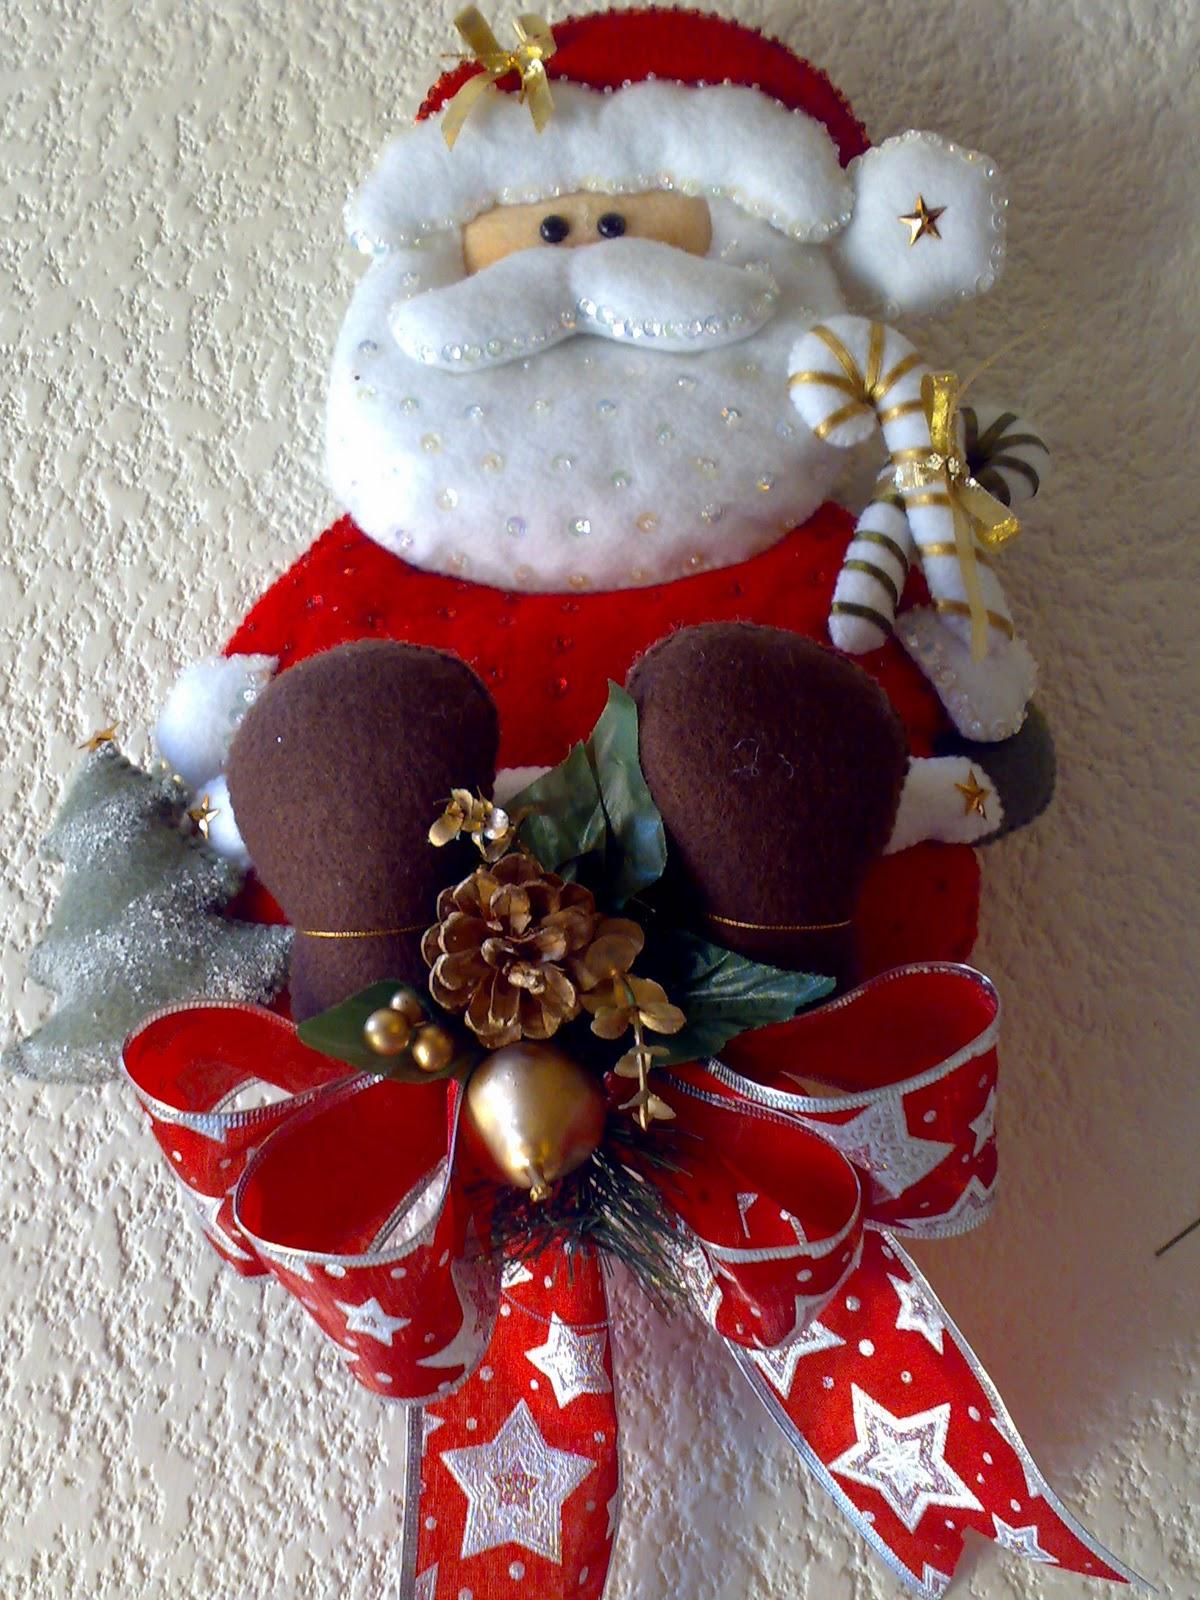 Juegos De Baño De Santa Claus En Fieltro: LUZMA: Santa Claus de fieltro; Medidas:42 cm de alto x 28 cm de ancho